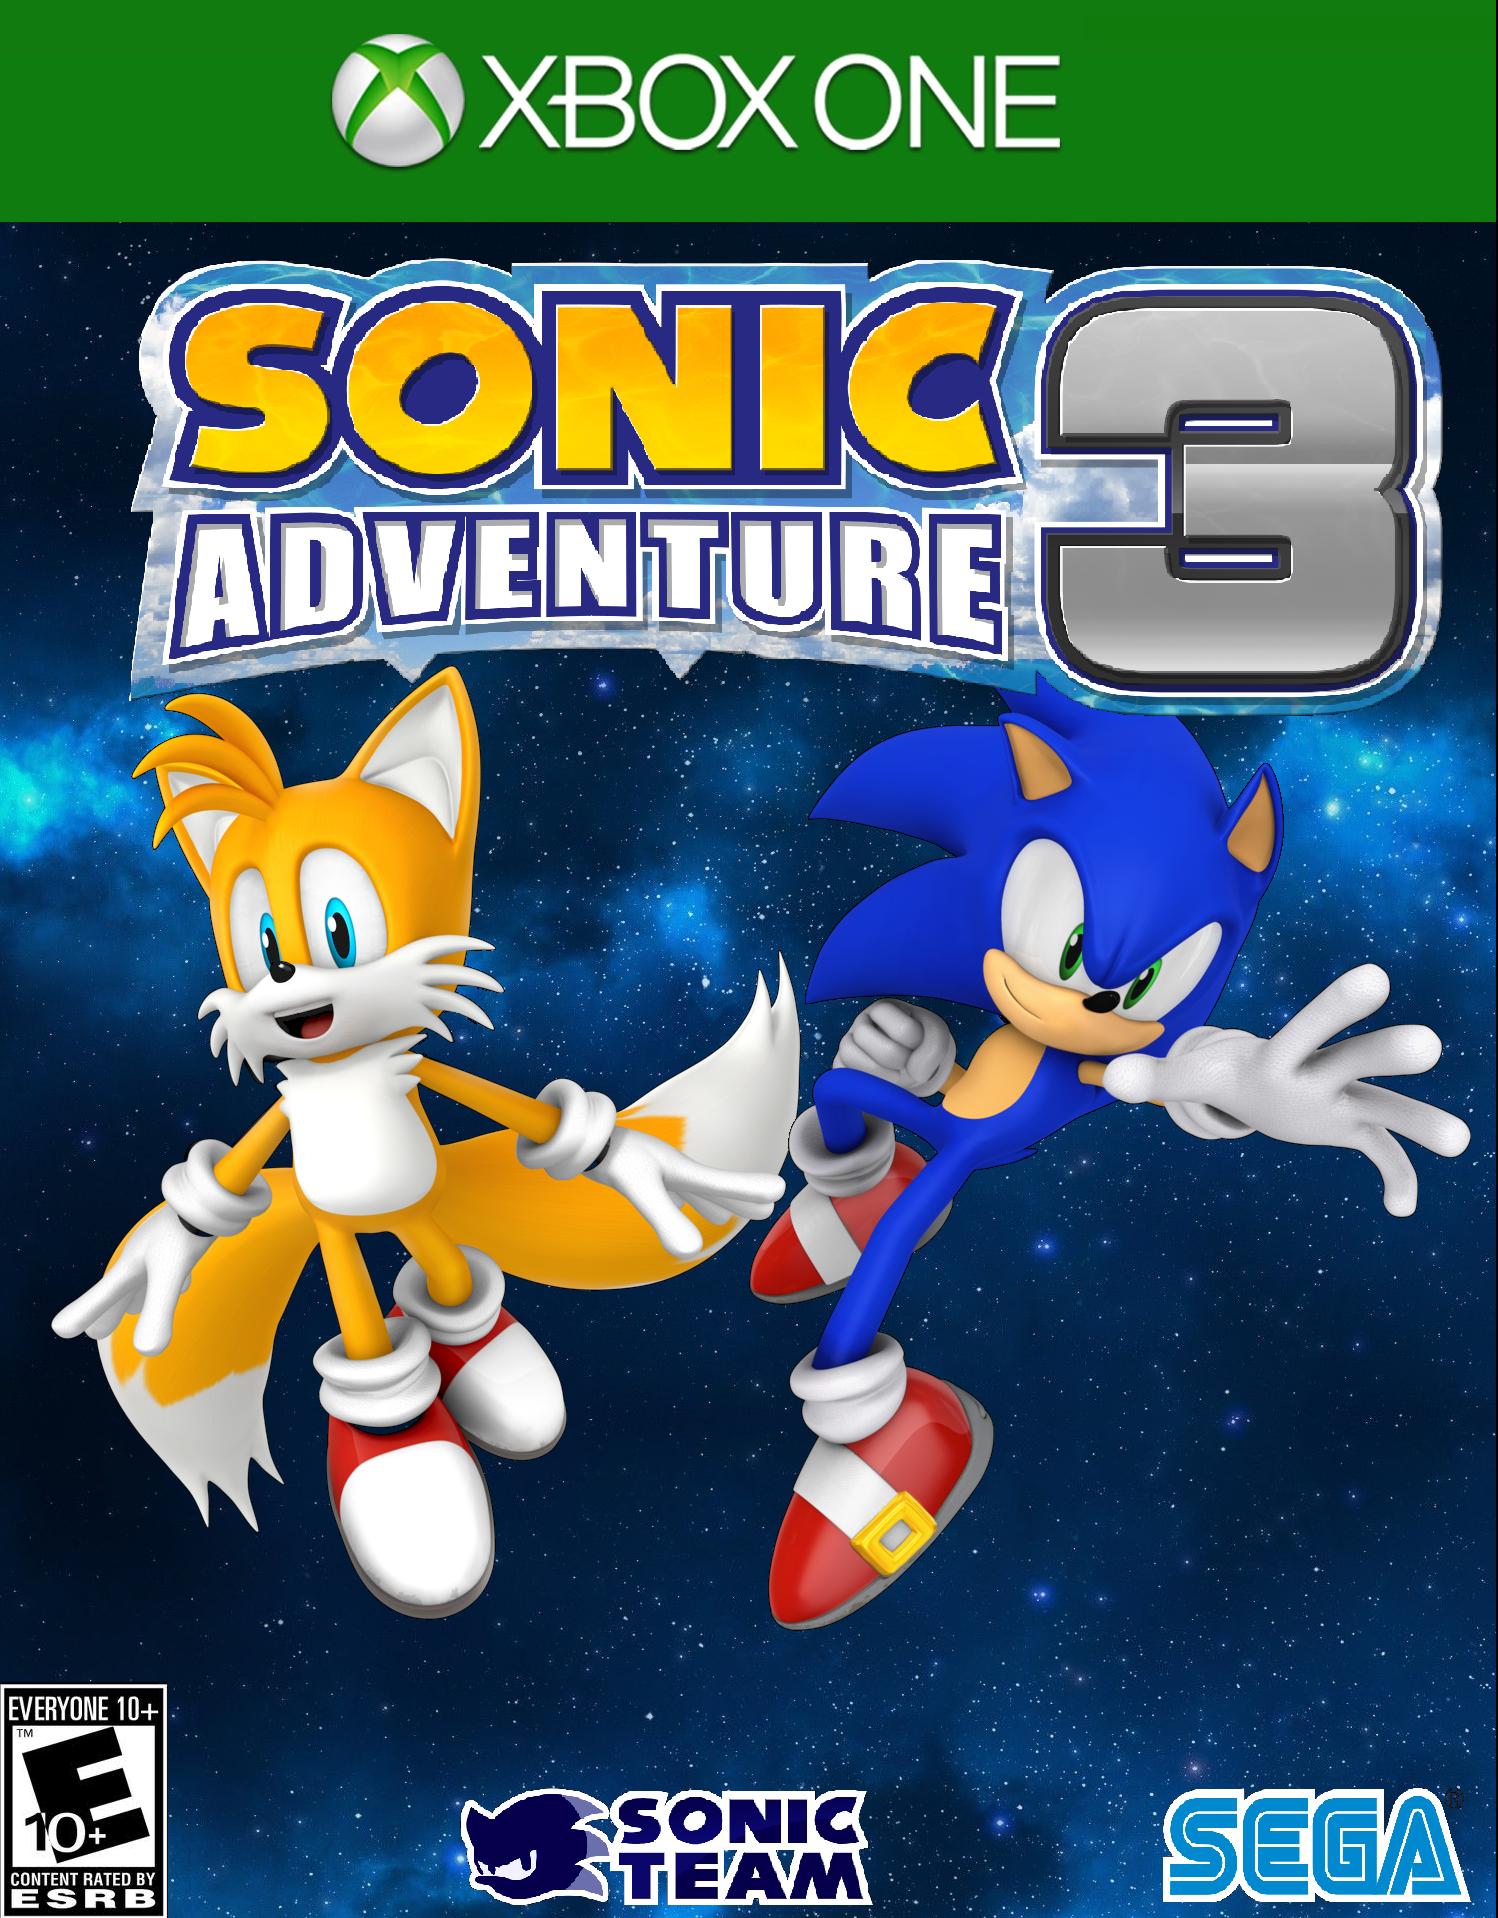 Sonic Adventure 3 (SA3) | Sonic Fanon Wiki | FANDOM powered